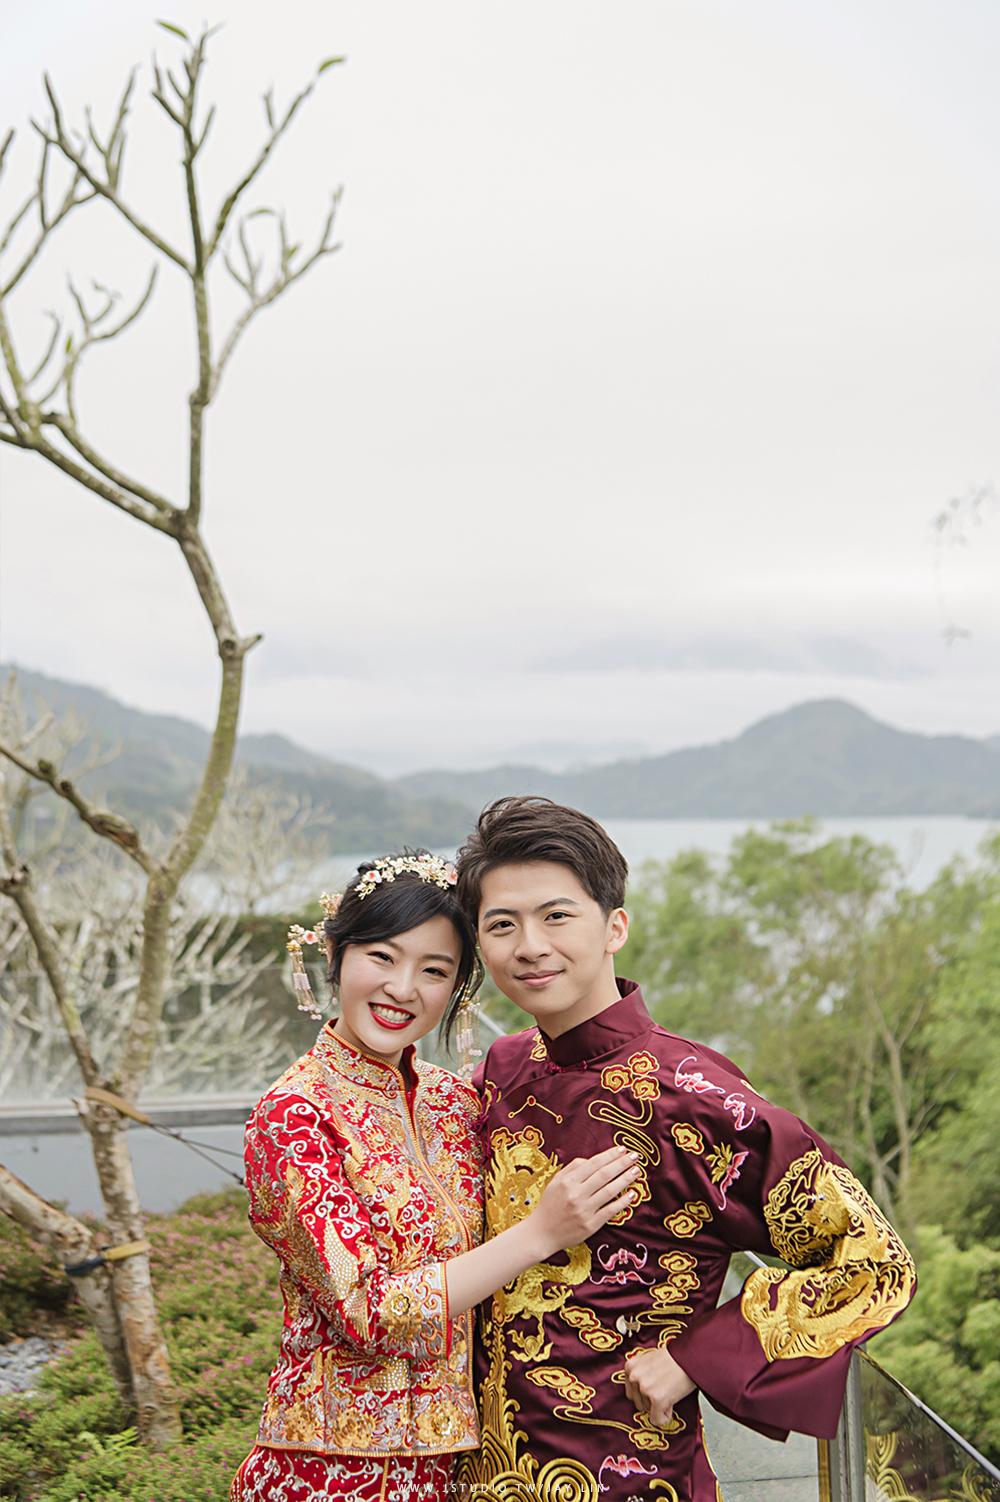 婚攝 日月潭 涵碧樓 戶外證婚 婚禮紀錄 推薦婚攝 JSTUDIO_0043